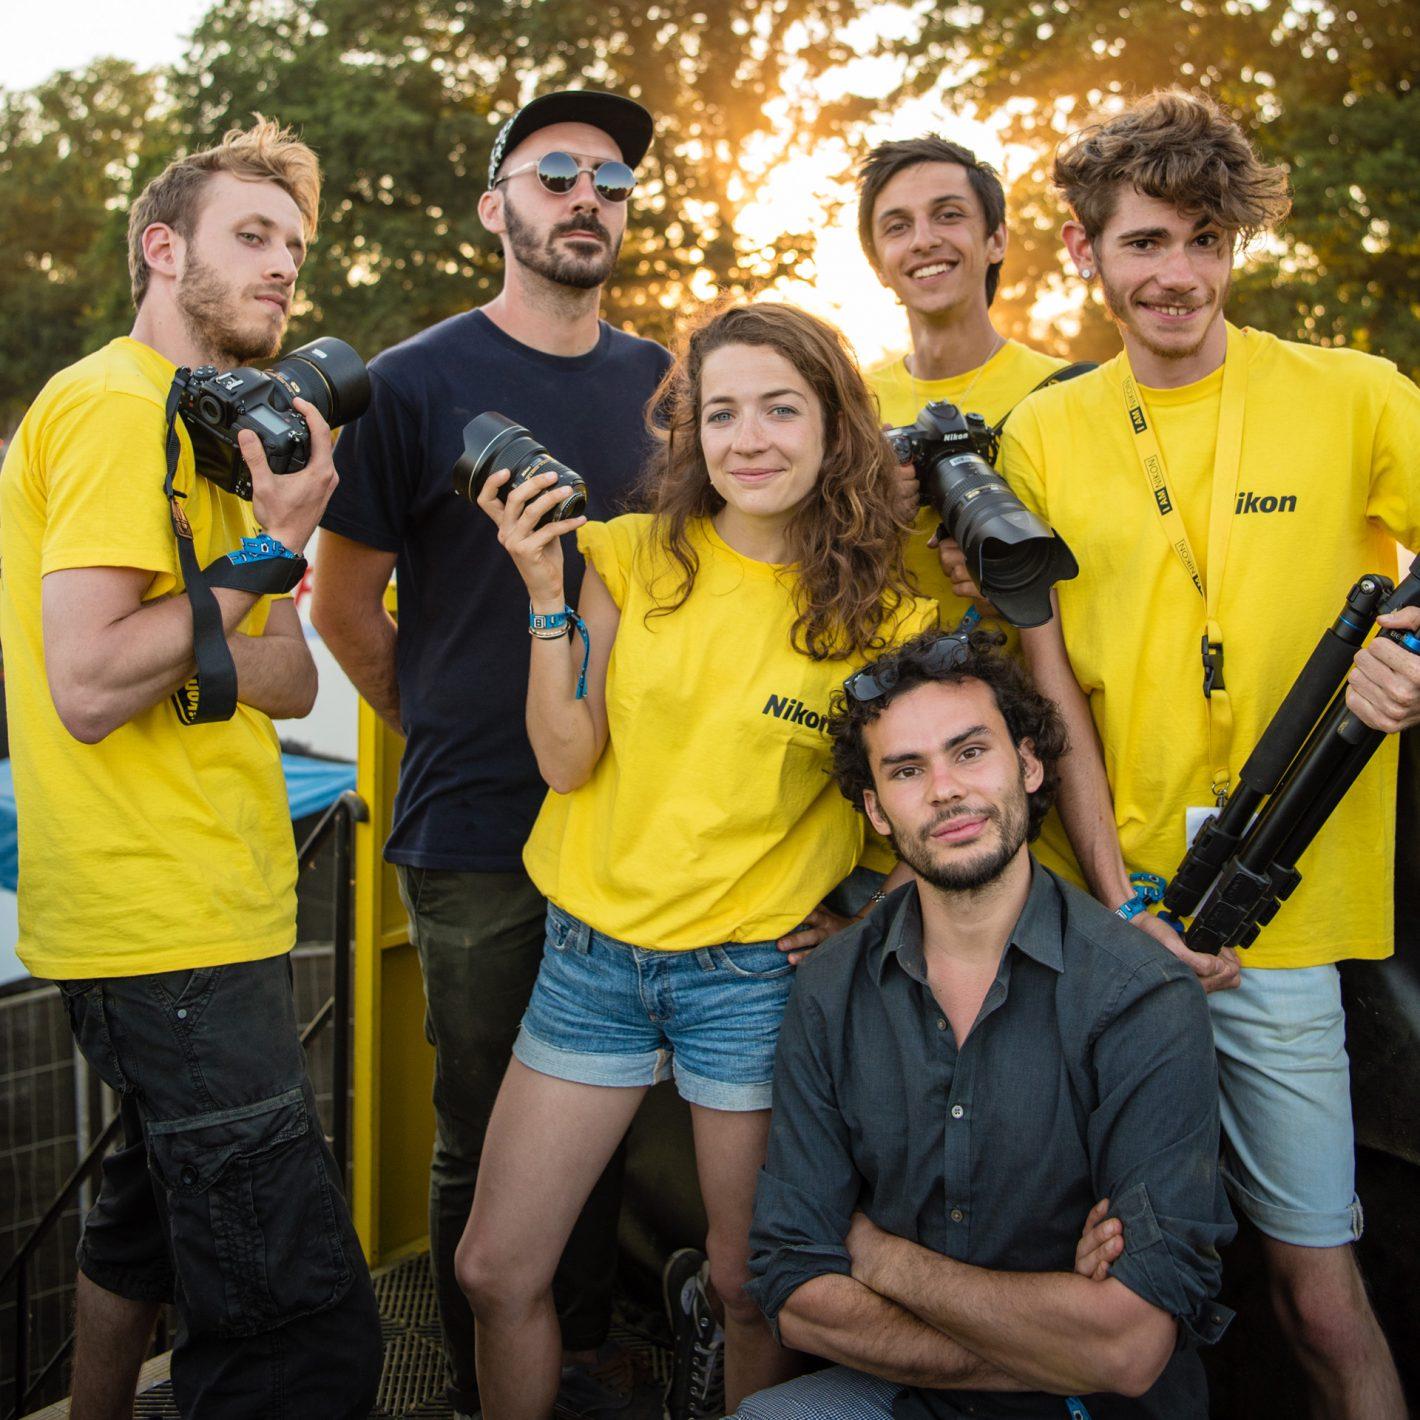 Nikon D500 Reporters Music Festival L'équipe Nikon (de gauche à droite) : Quentin, William, Caroline, Jeronimo, Joffrey et Grégoire